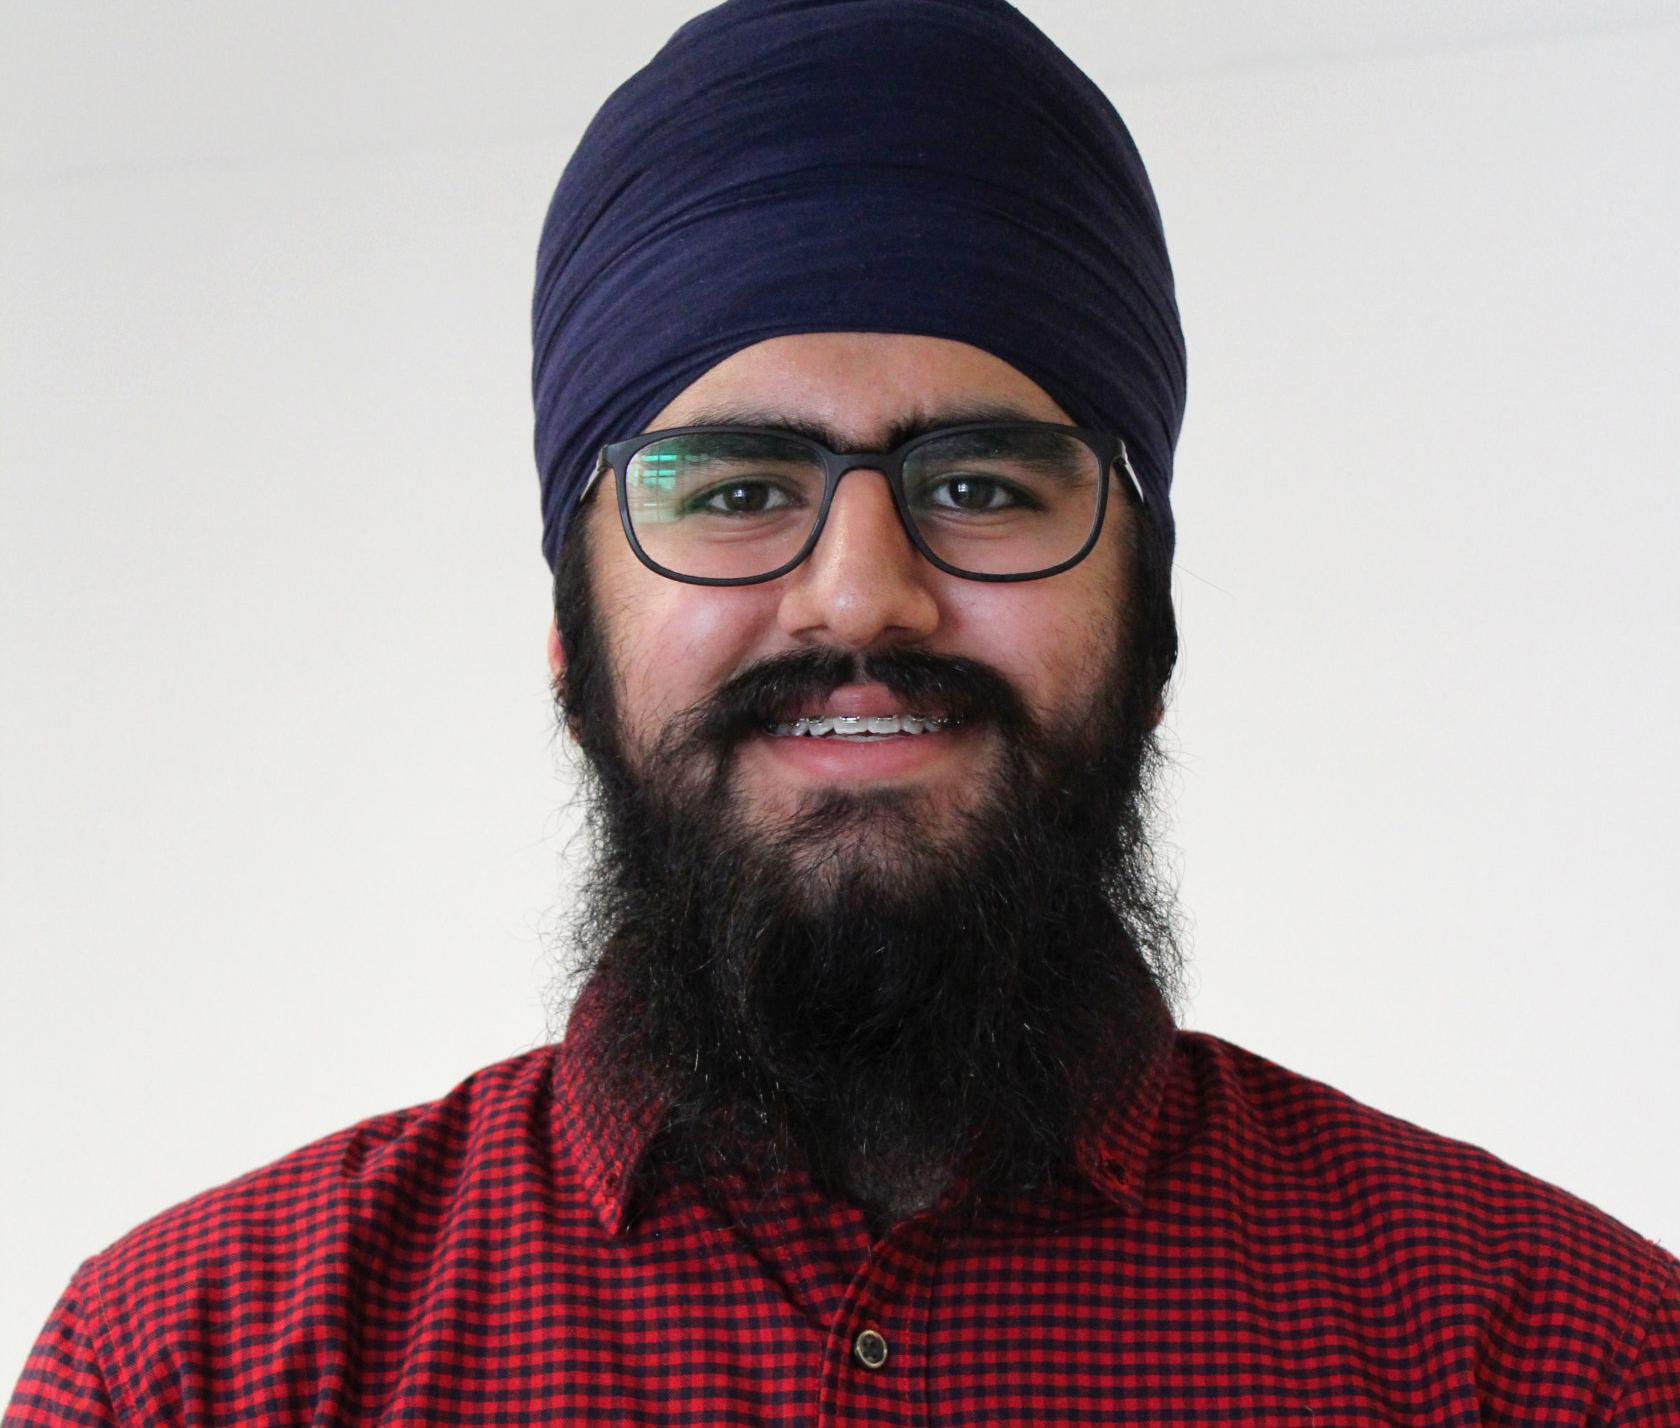 Student Sahib M